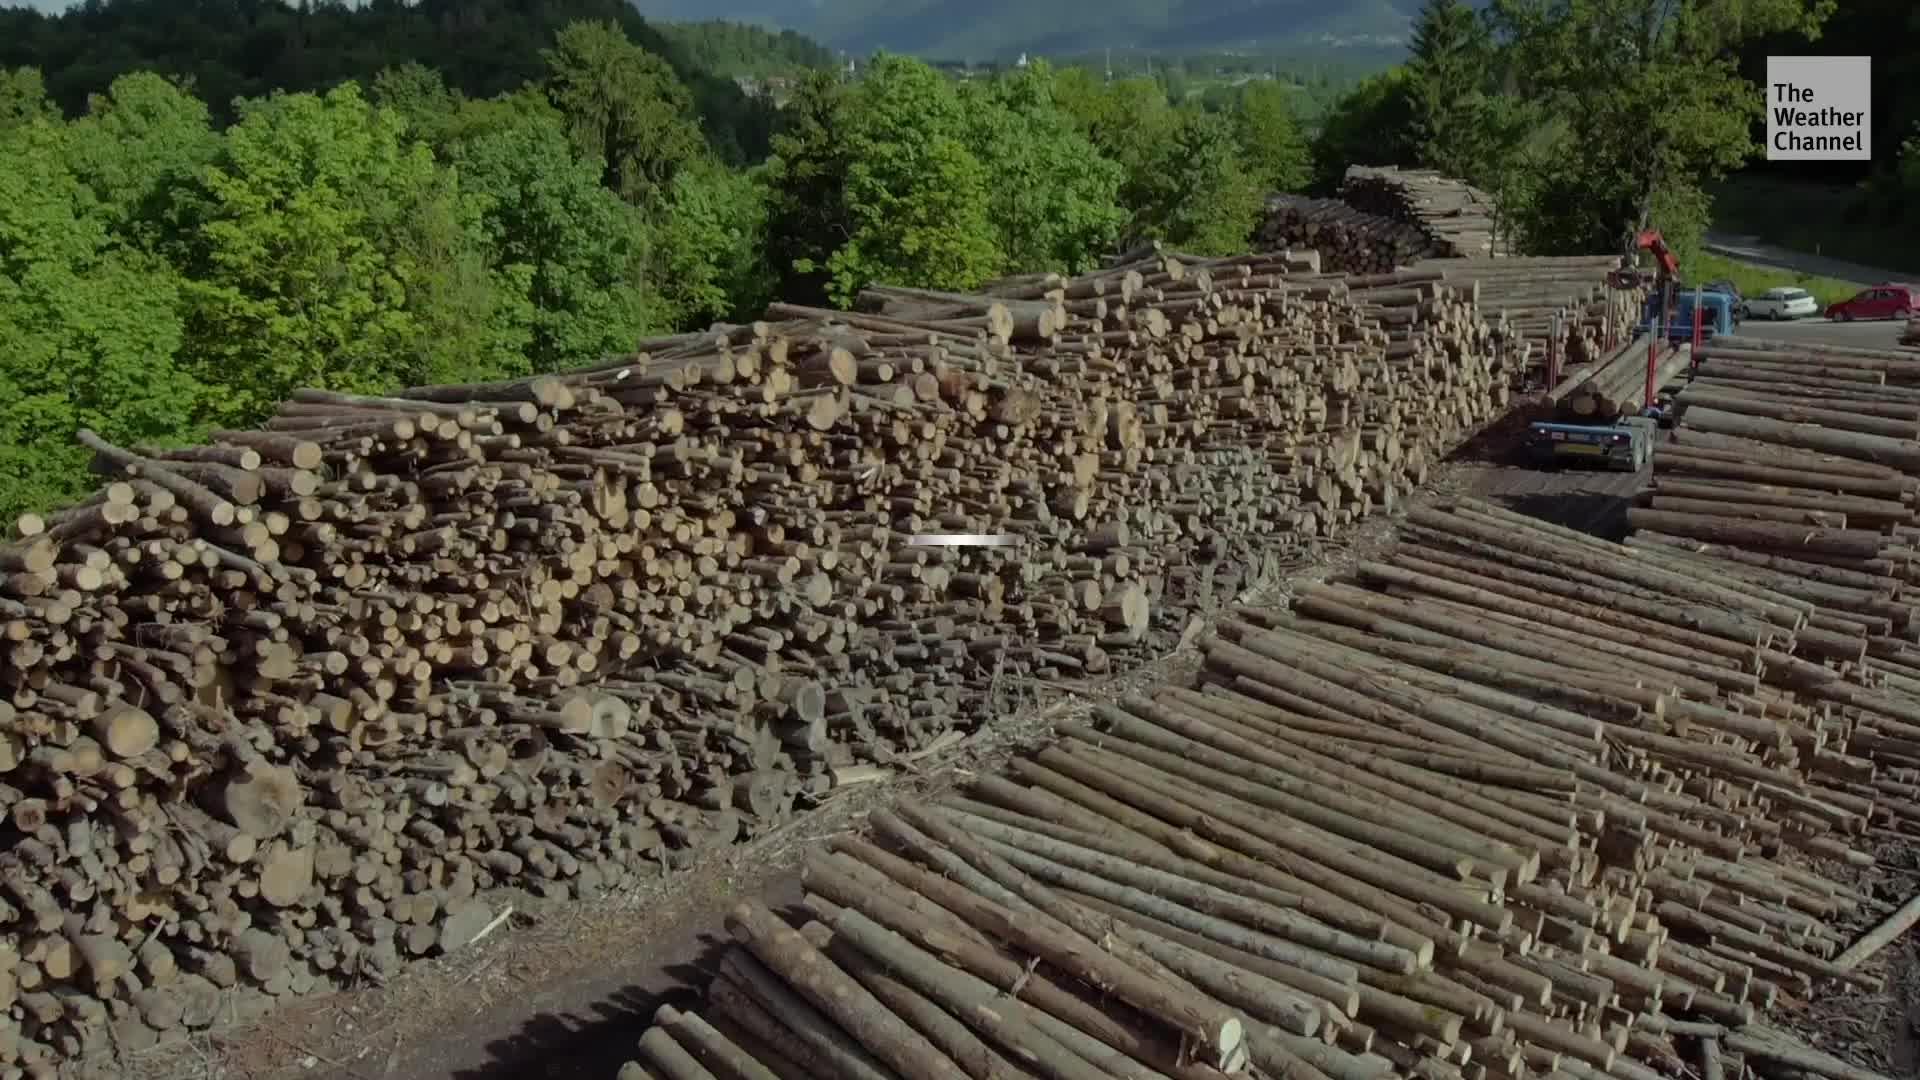 Las plagas invasoras están matando tantos árboles que liberan tanto carbono cada año como millones de automóviles.